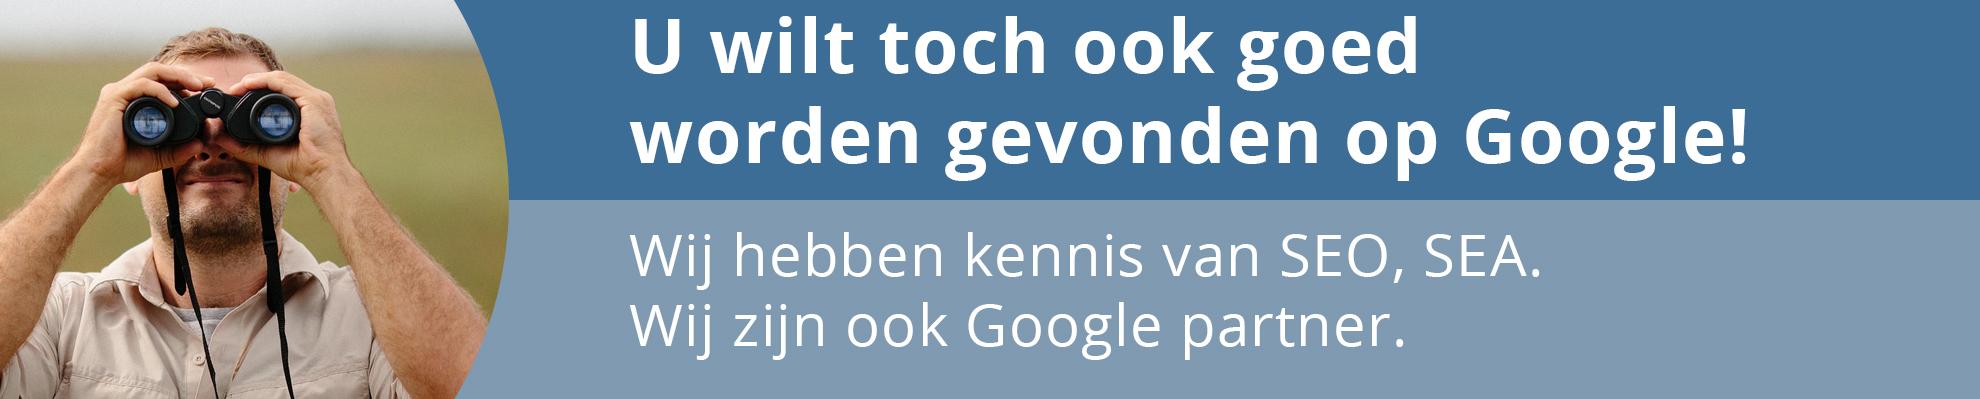 Wilt u beter gevonden worden door zoekmachines? Endless weet hoe het werkt!